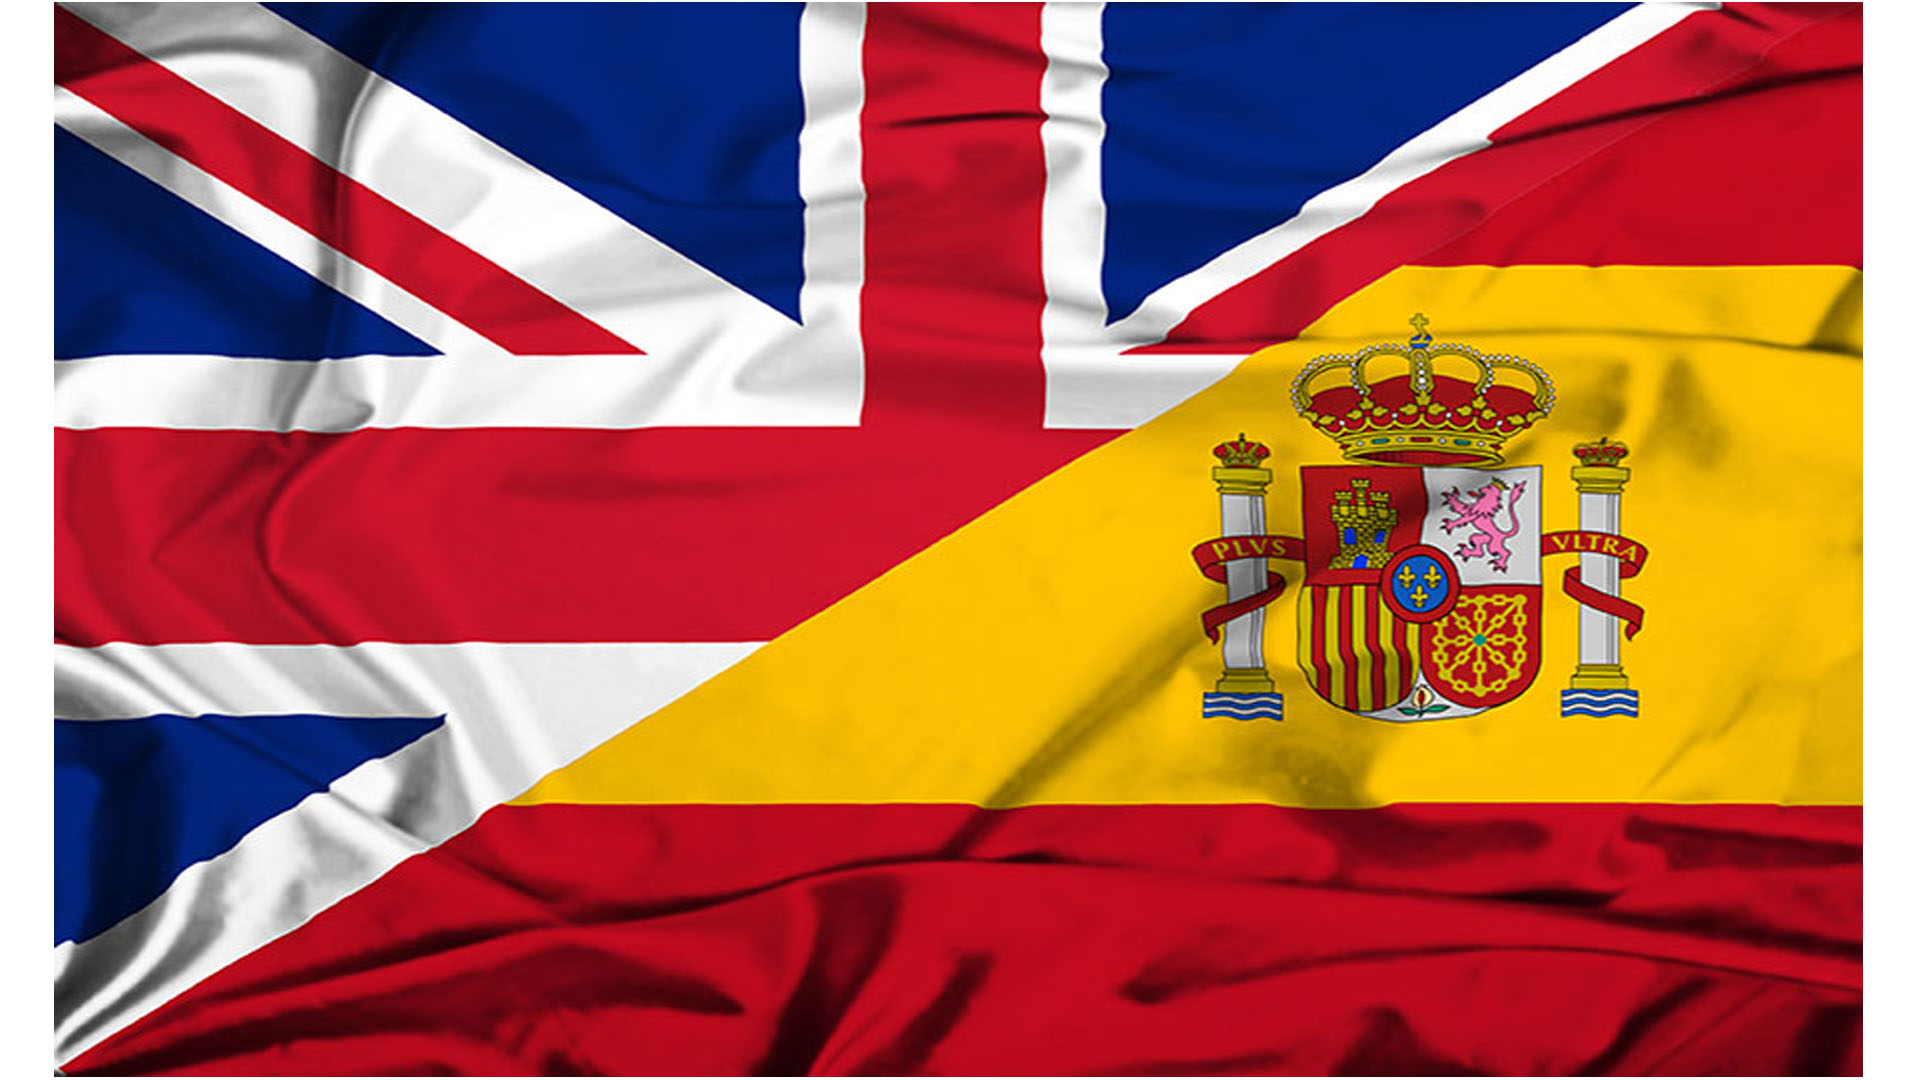 İspaniya və Böyük Britaniya Gibraltar üzrə vergi müqaviləsi imzalayıblar